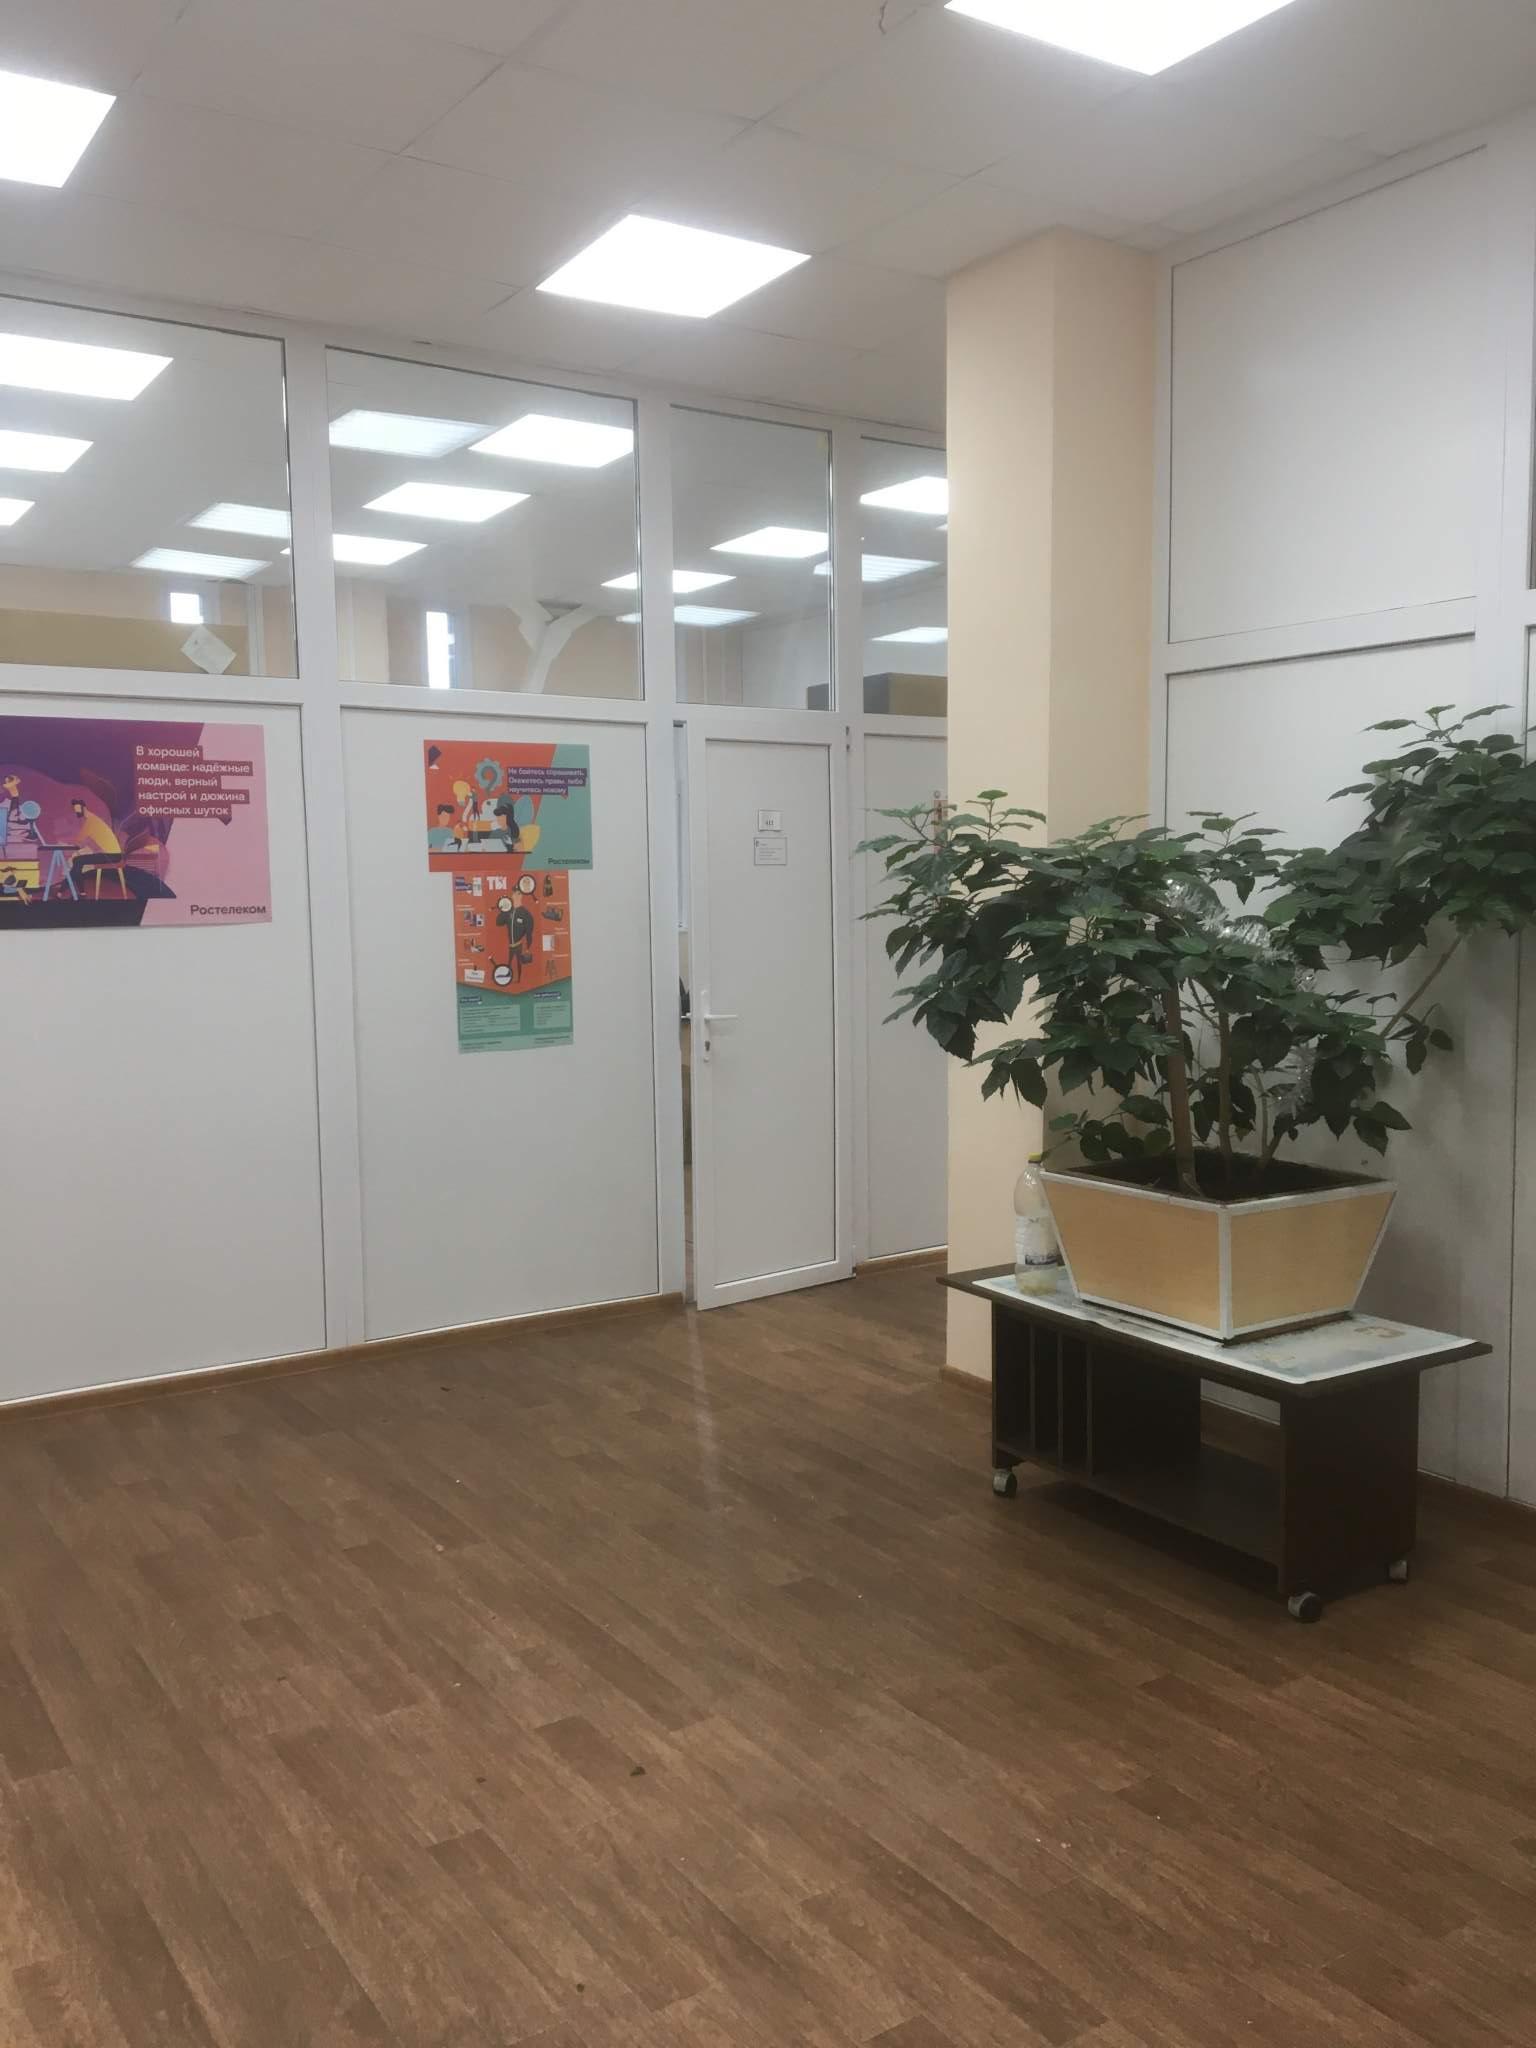 Помещения Свободного Назначения на продажу по адресу Россия, Тверская обл, Тверь, Склизкова улица, 36